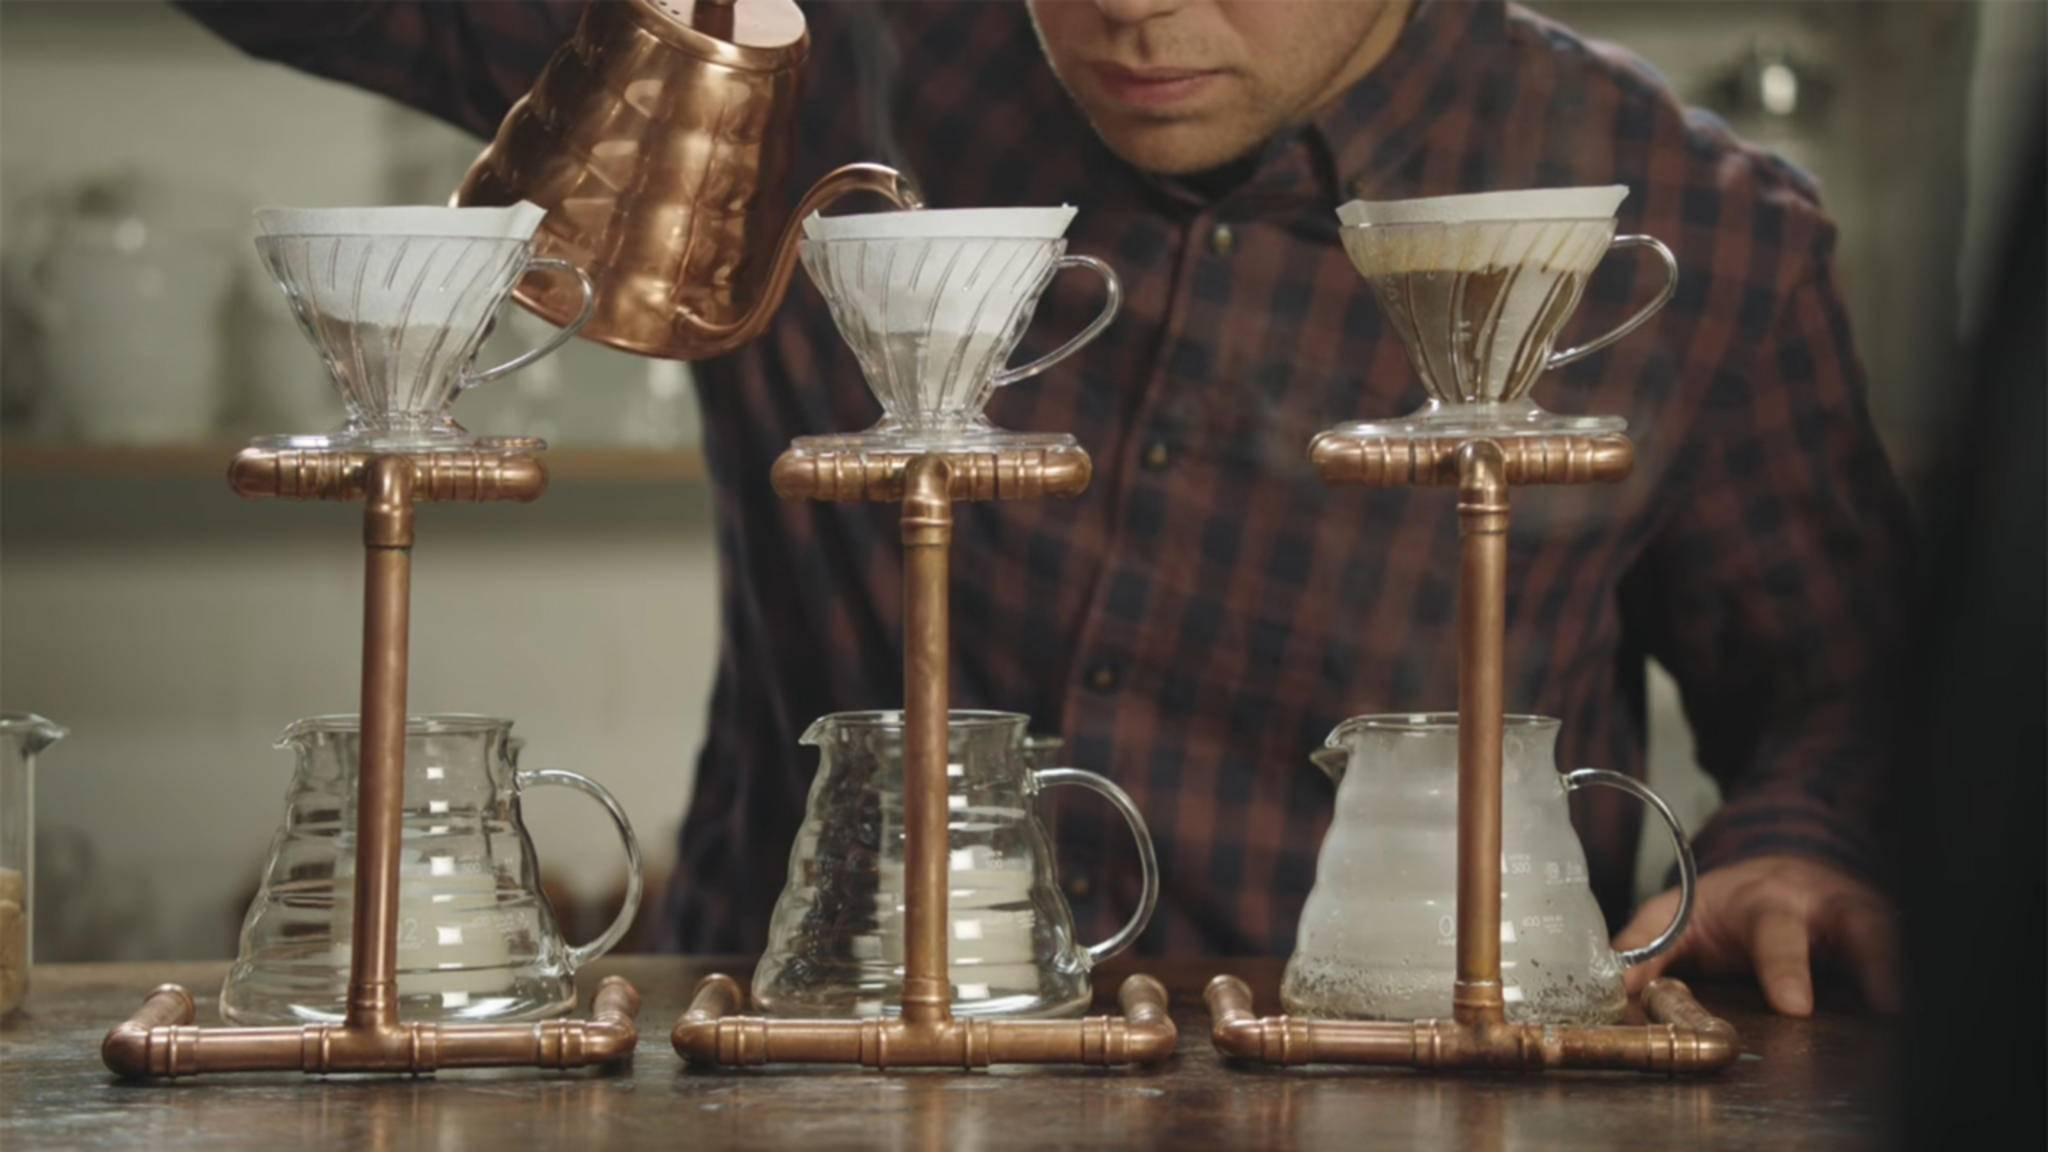 Mit Langsamkeit und Sorgfalt zum richtig guten Kaffee? McDonald's glaubt, dass das auch schneller geht.